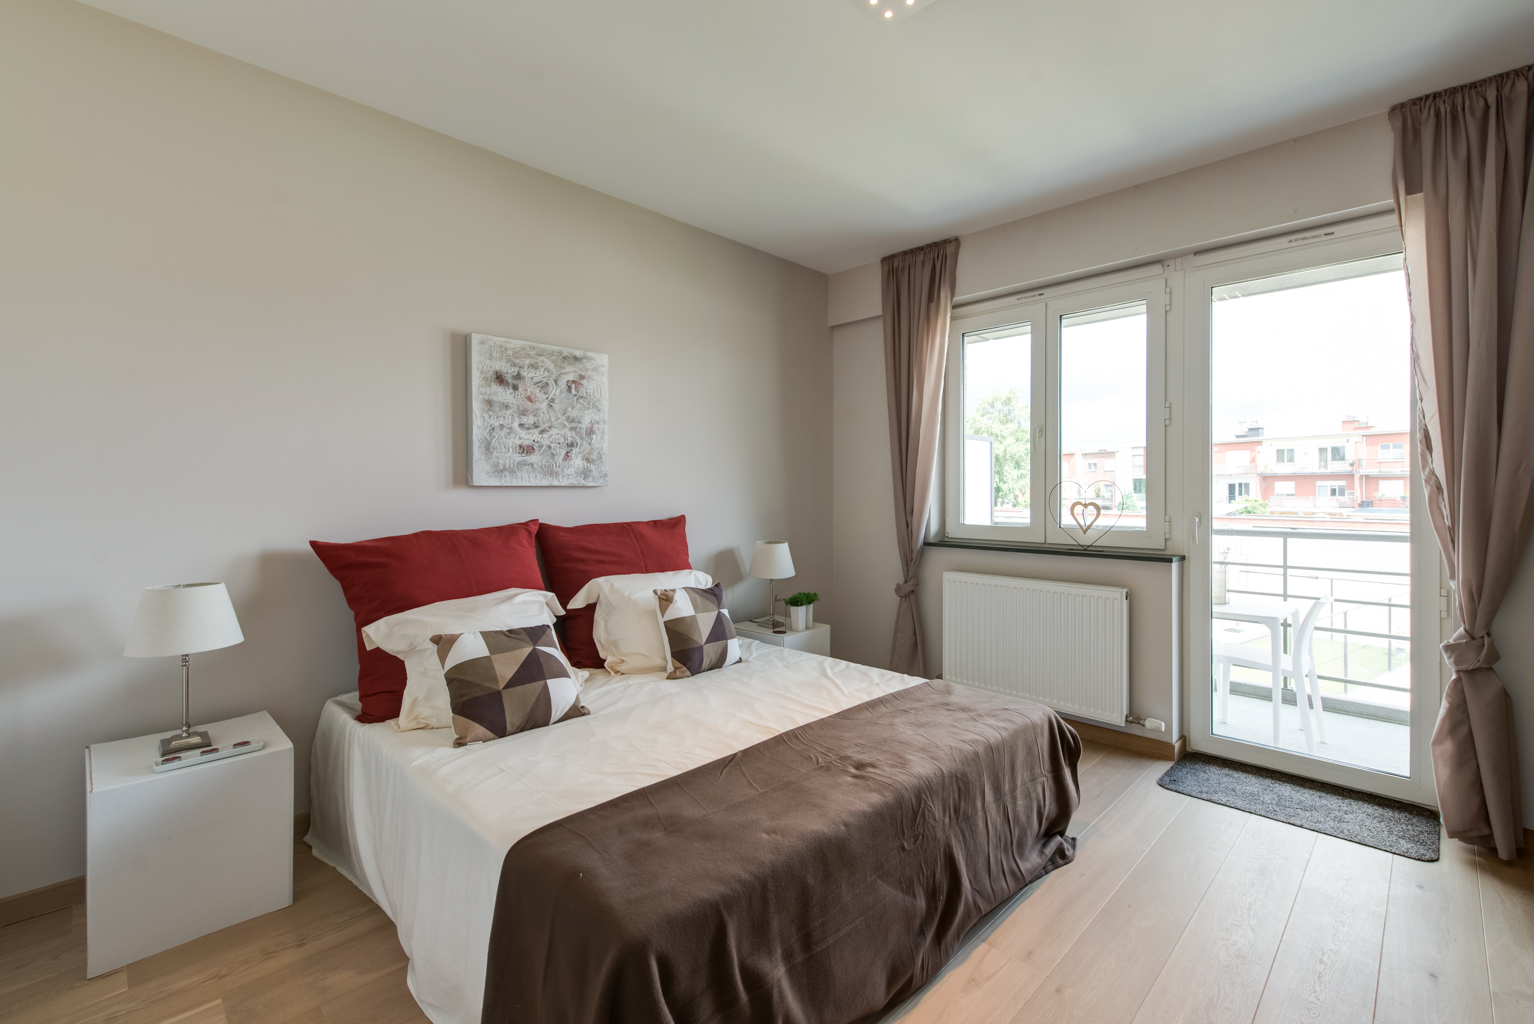 Slaapkamer makeover met blauwe muren maison belle interieuradvies